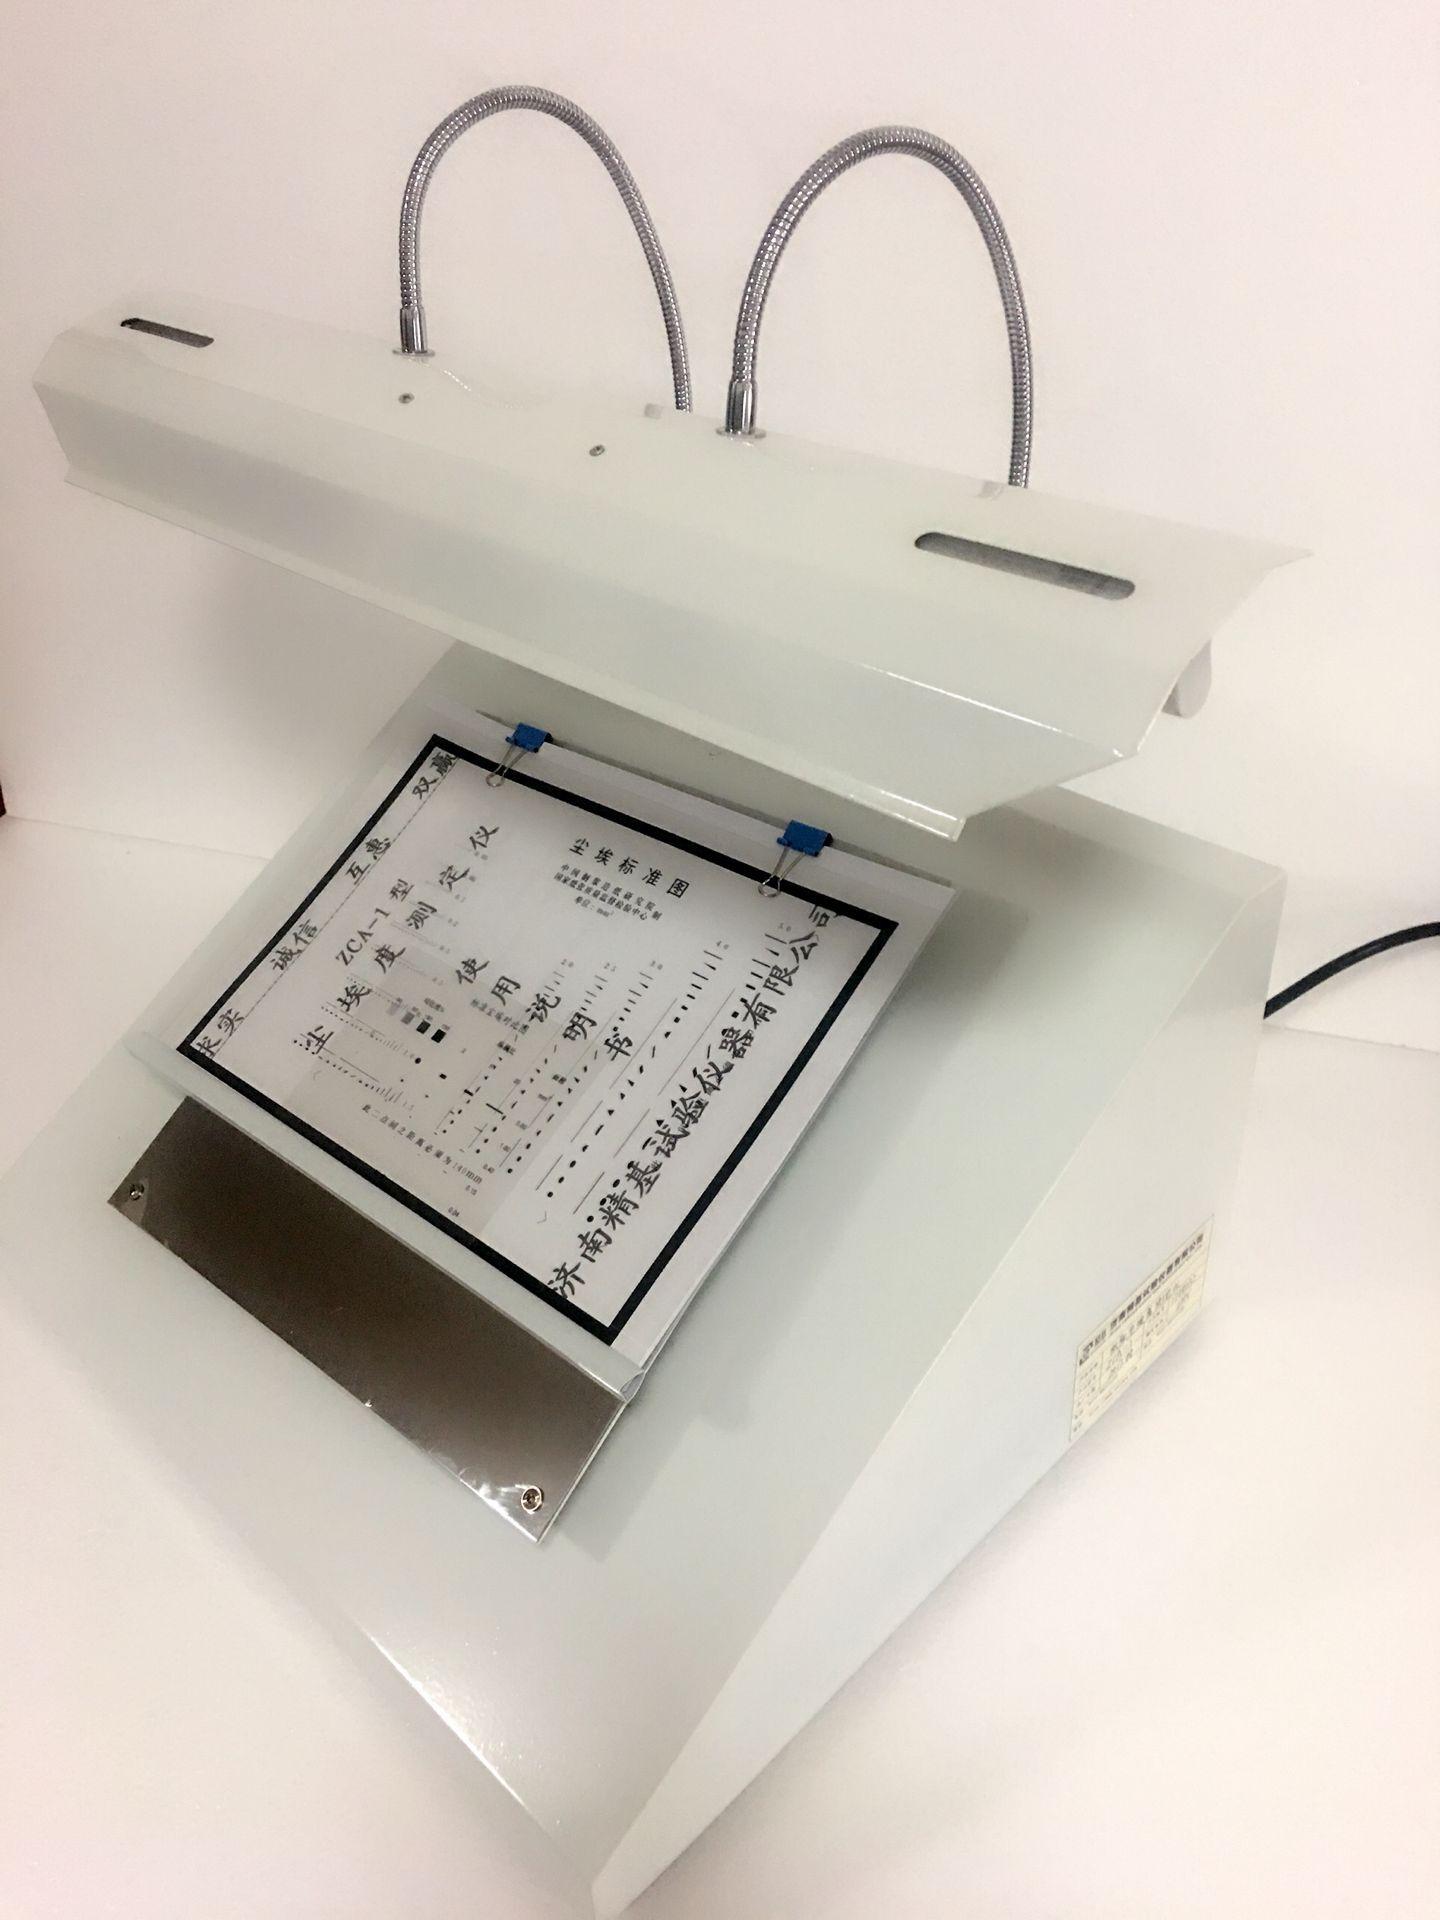 纸张尘埃度检测仪